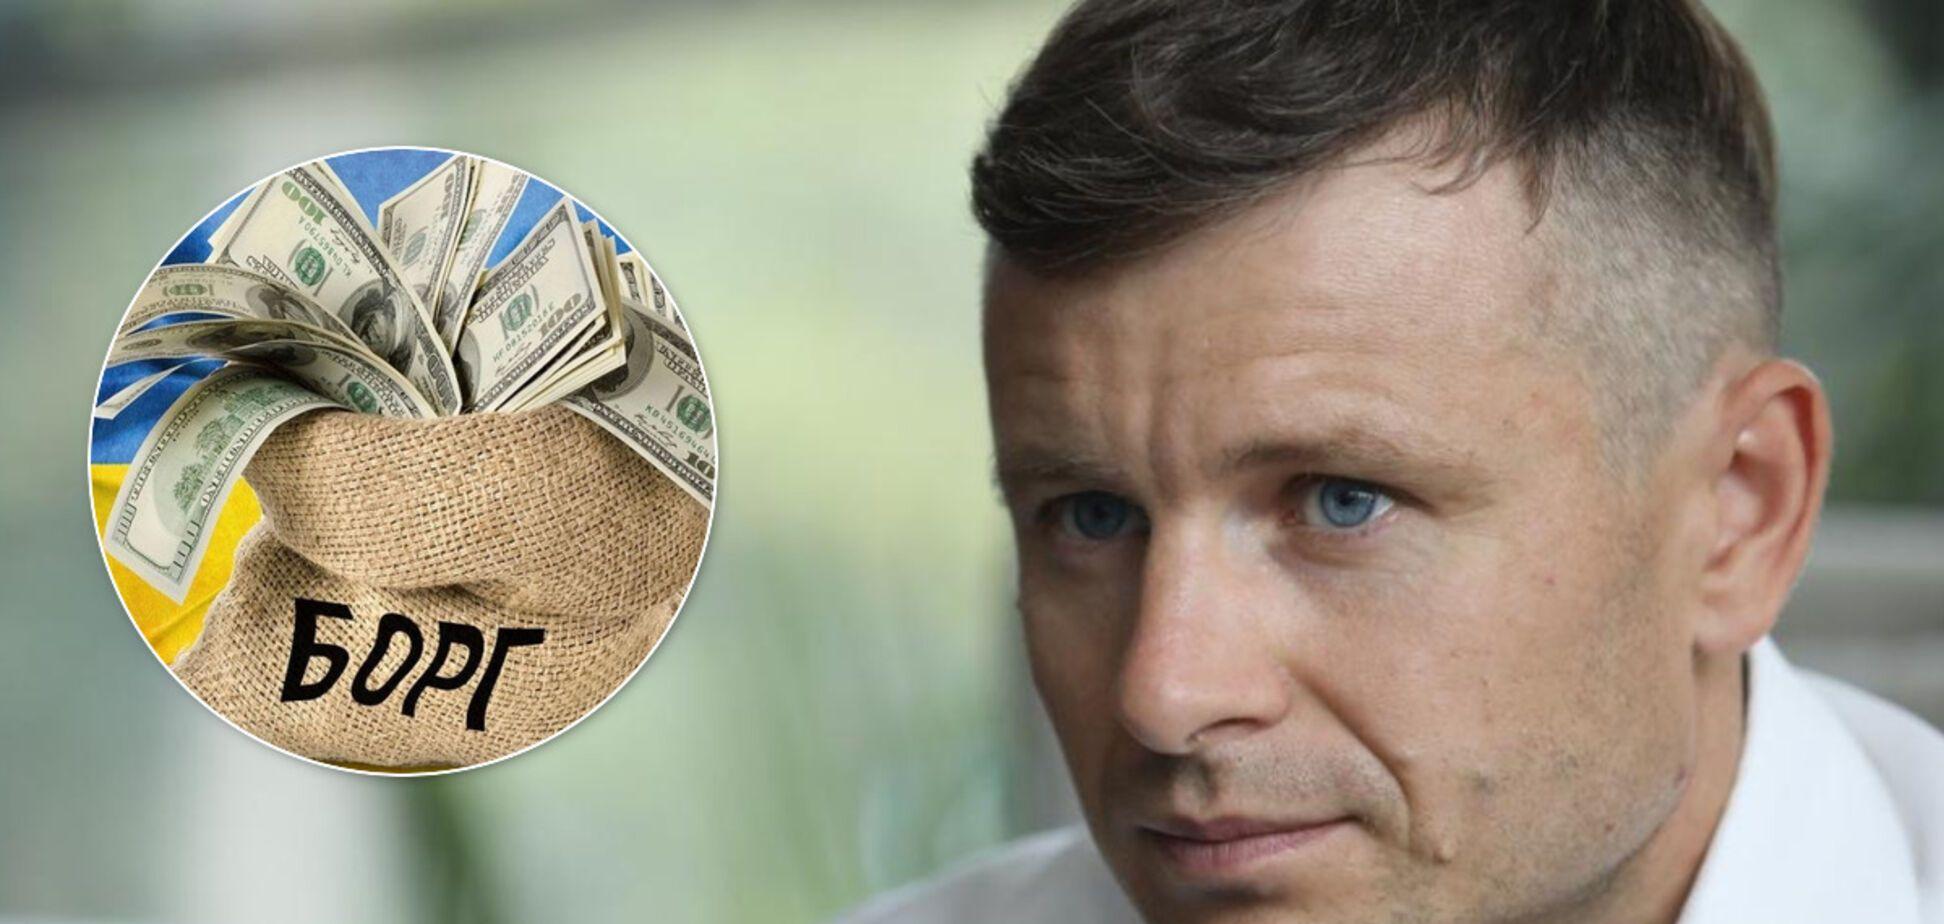 Министр финансов заявил, что Украине не нужно реструктуризировать госдолг